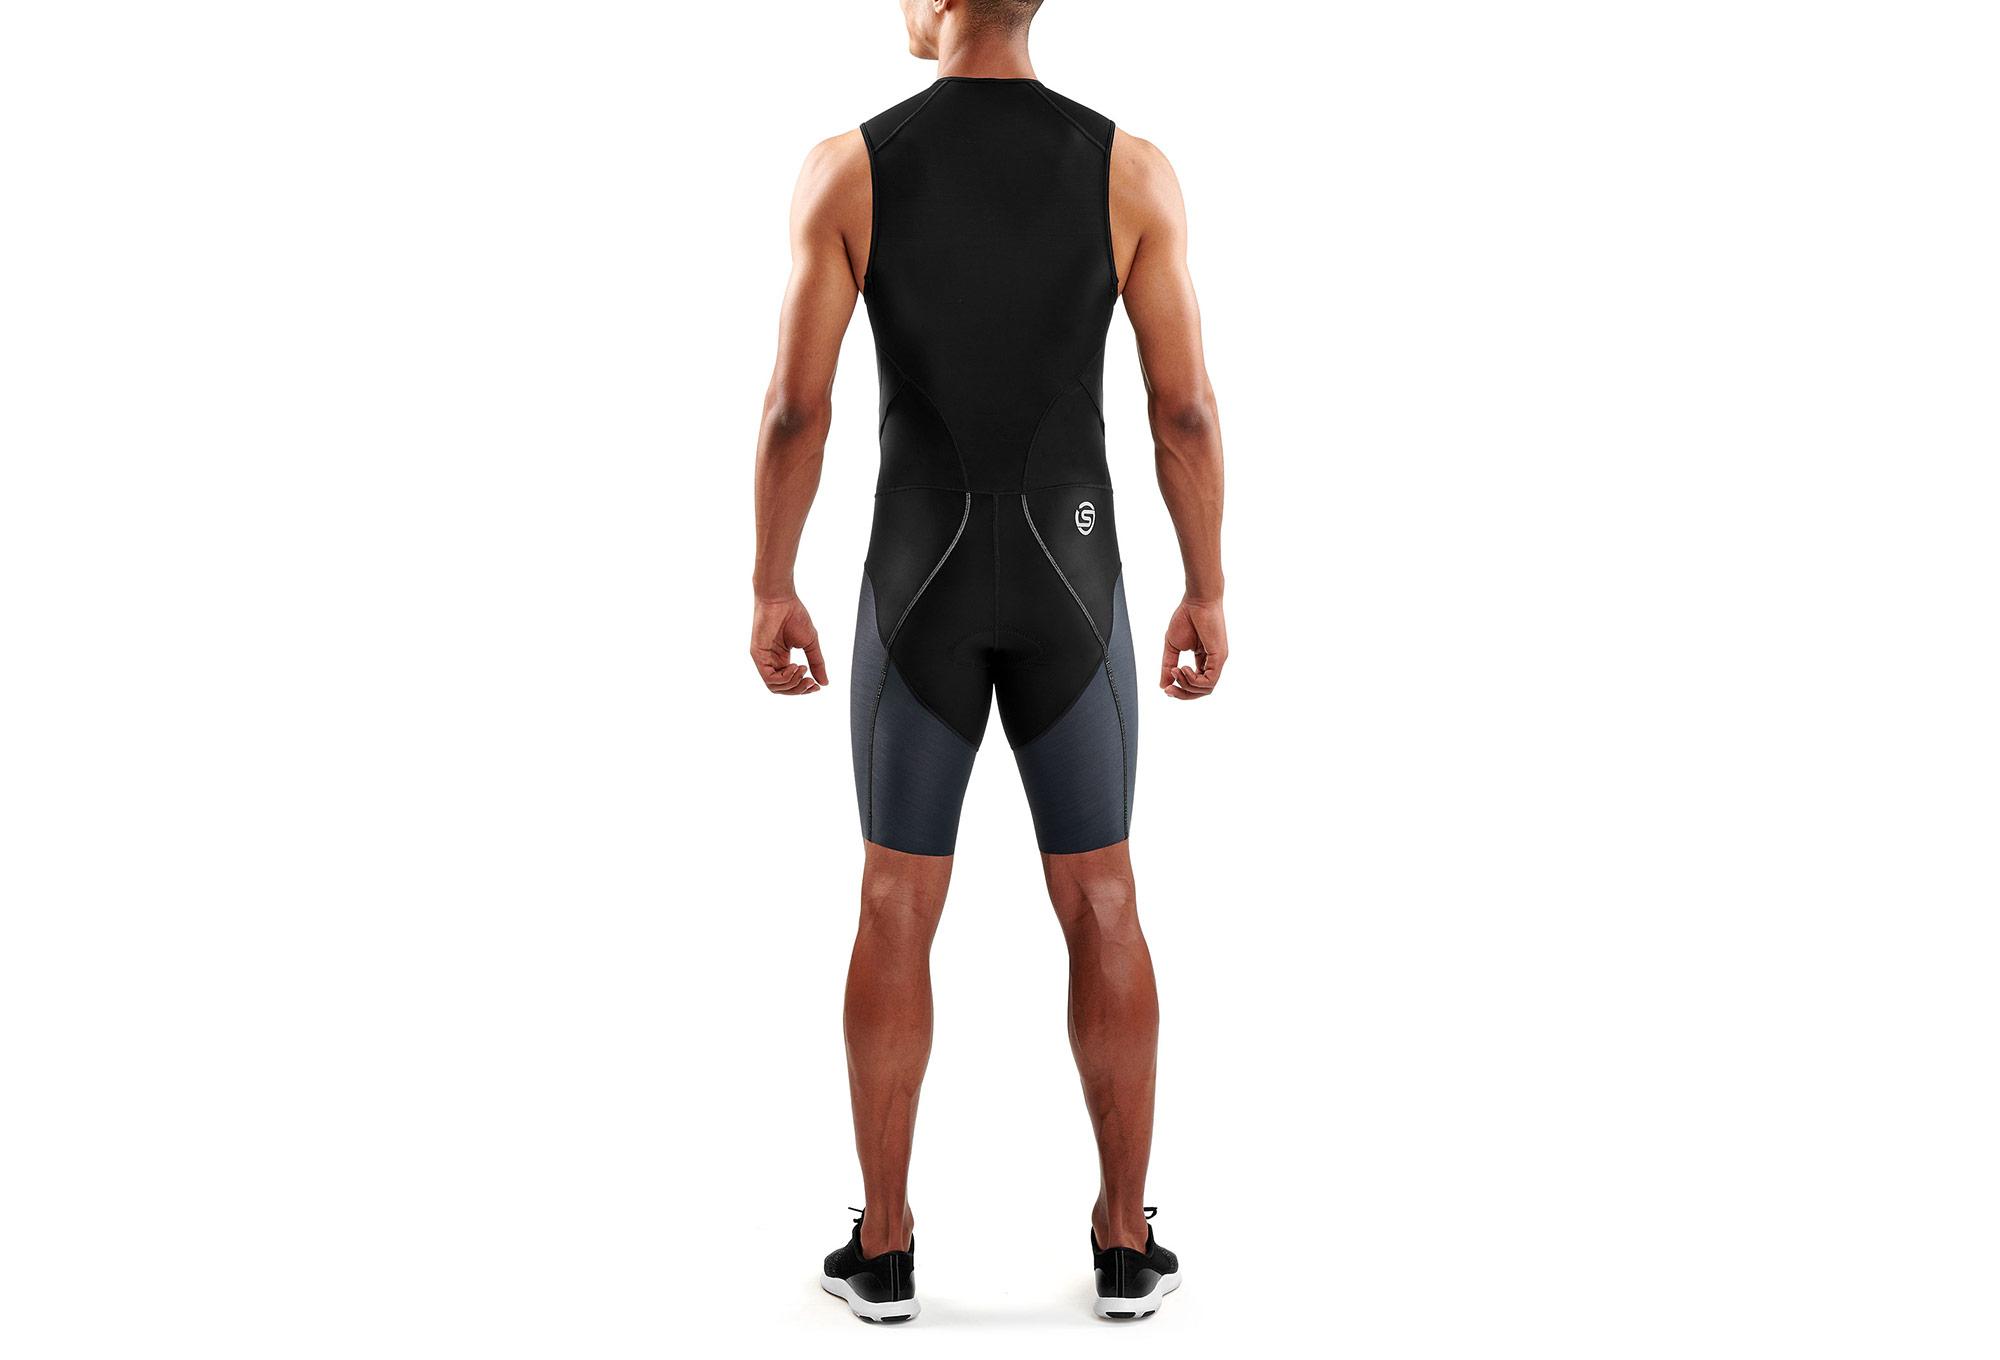 meilleur site web 0a966 59ffd Combinaison Trifonction Skins DNAmic Triathlon Noir Gris